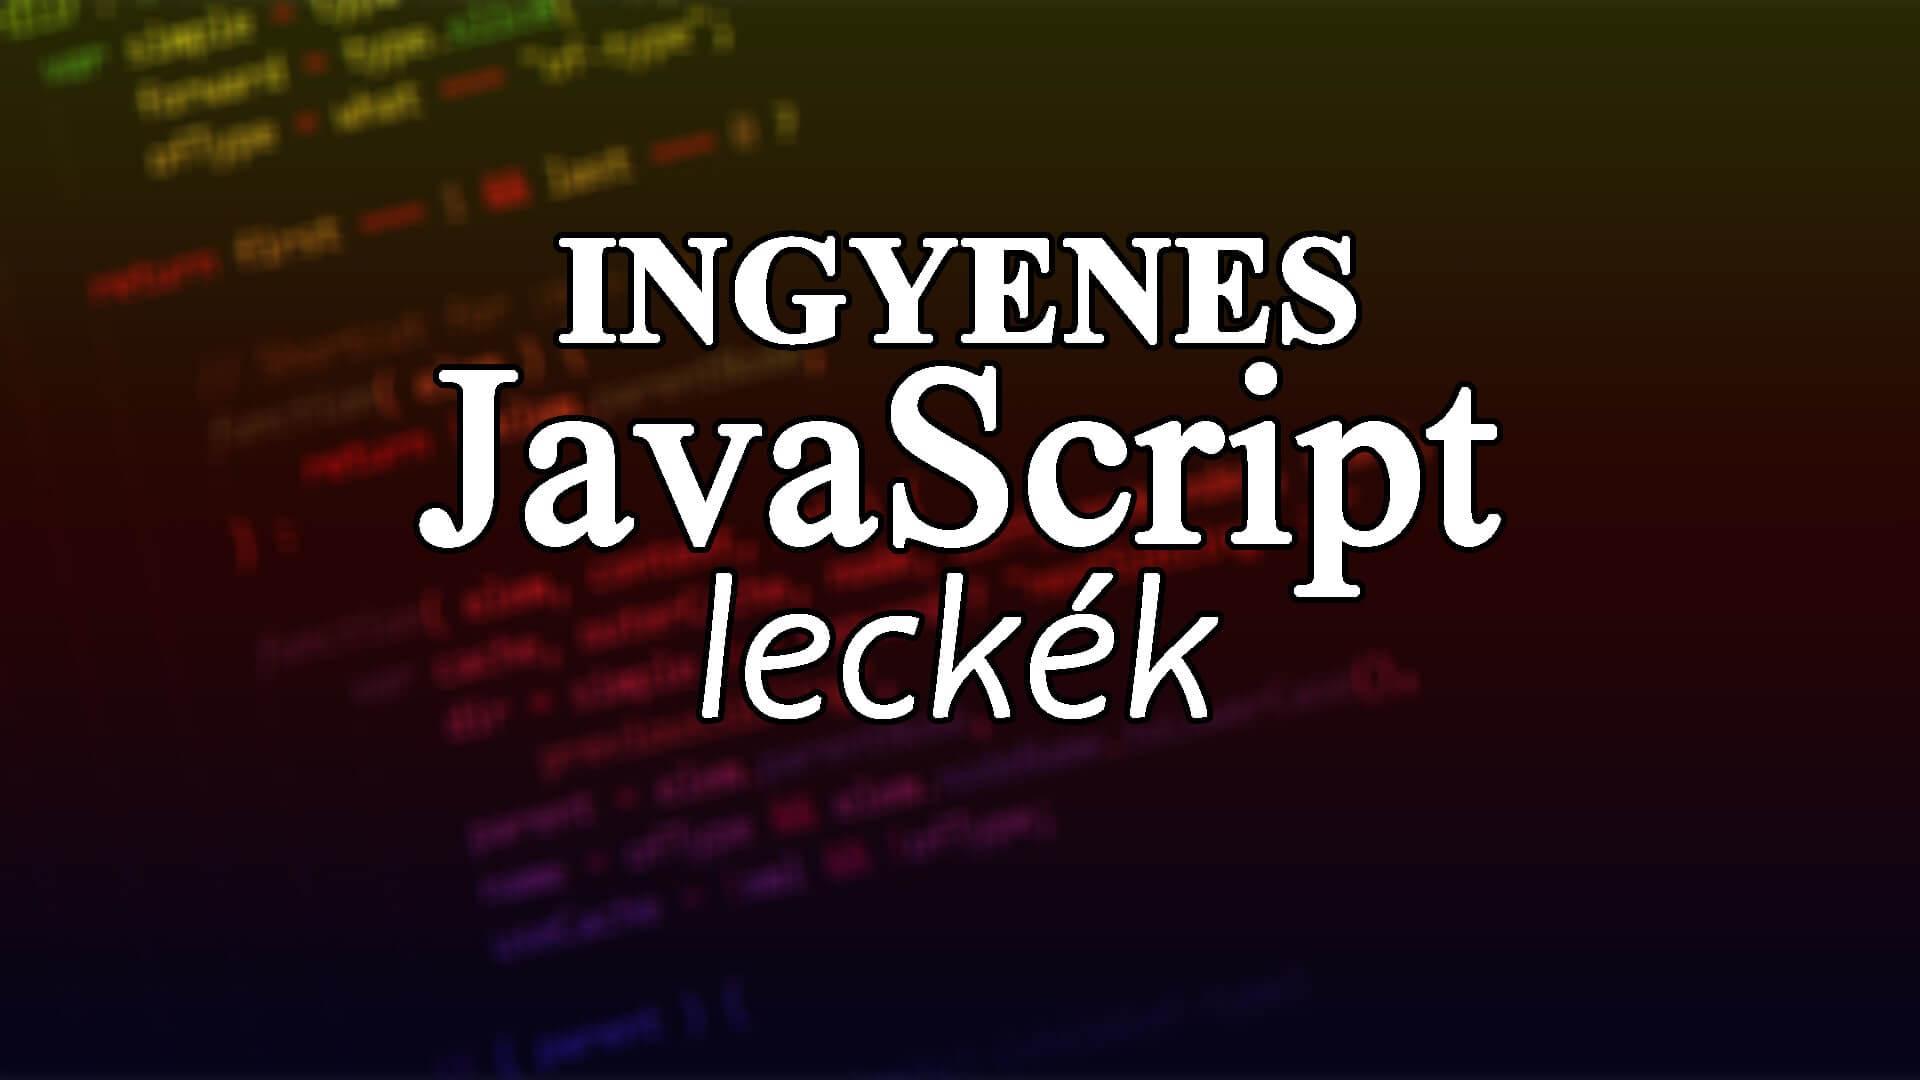 Ingyenes JavaScript leckék, magyarul - JavaScript bejegyzések borítóképe